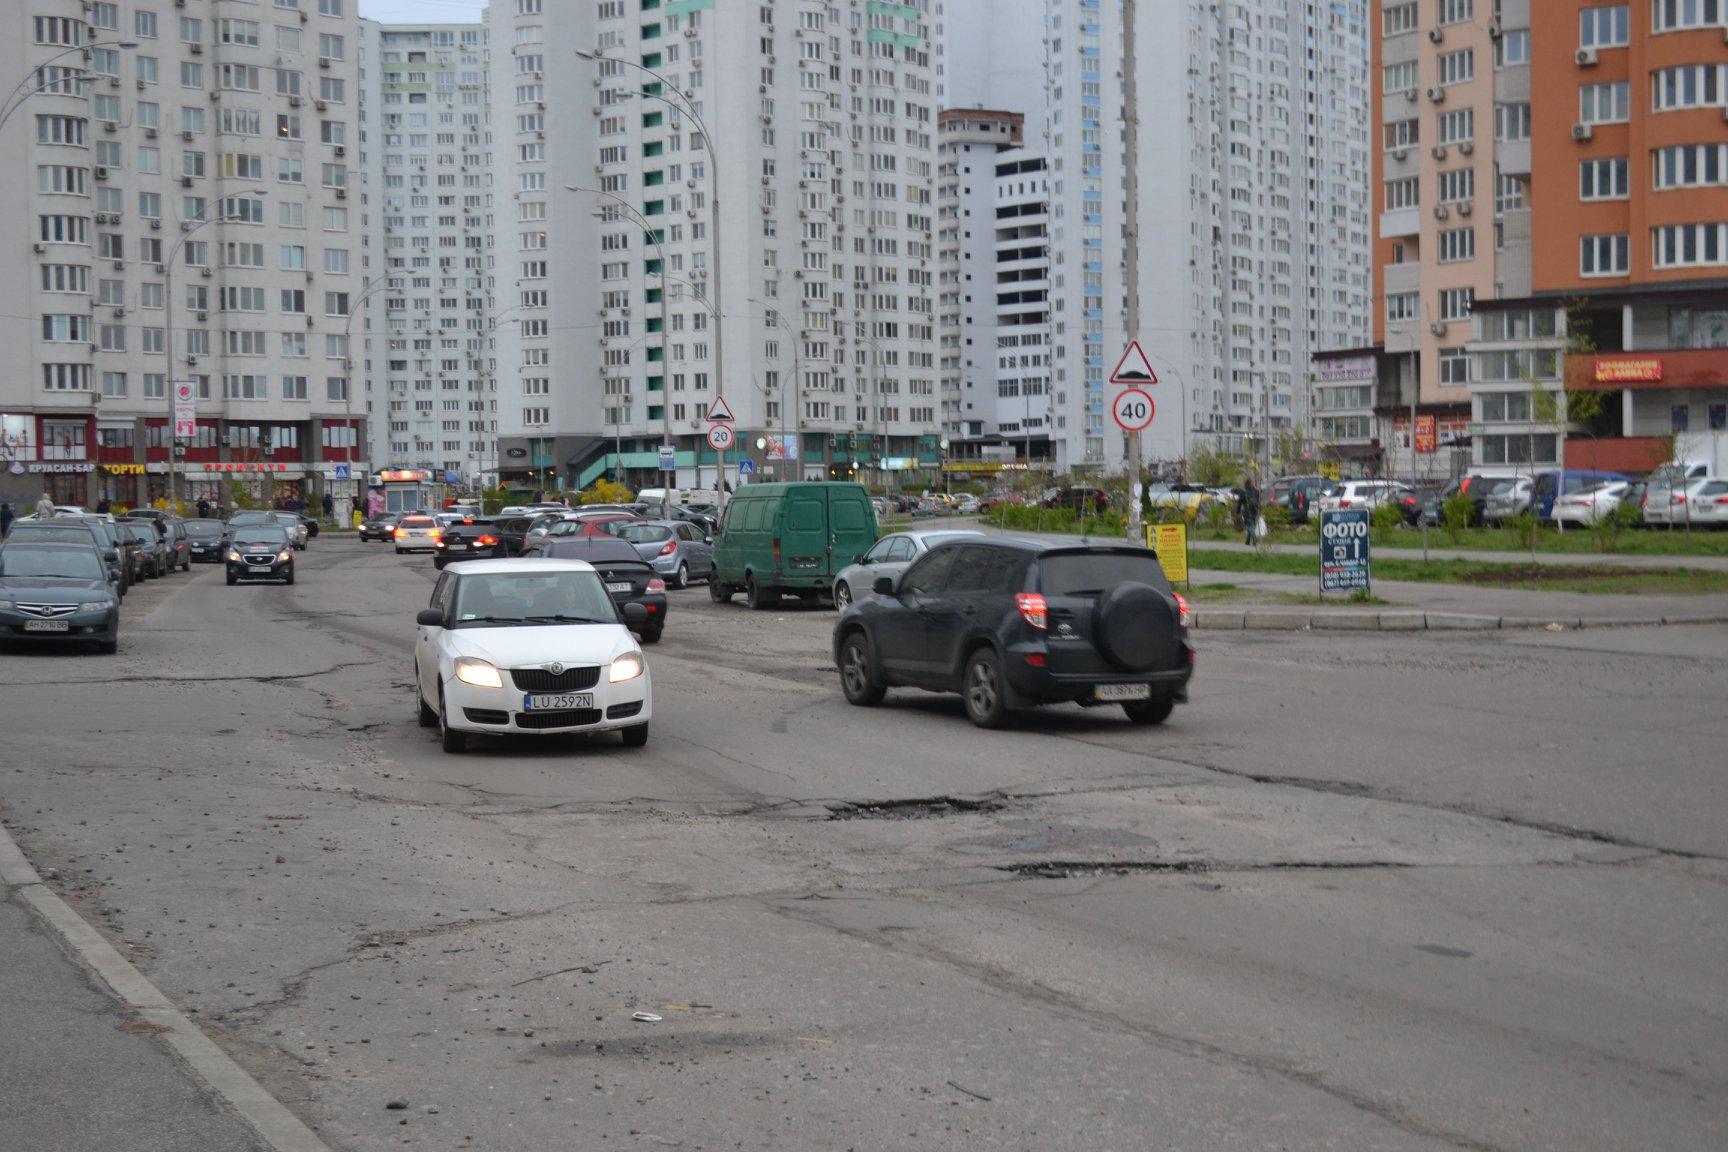 Киевлянам намекнули, что некоторые улицы необходимо ремонтировать самостоятельно